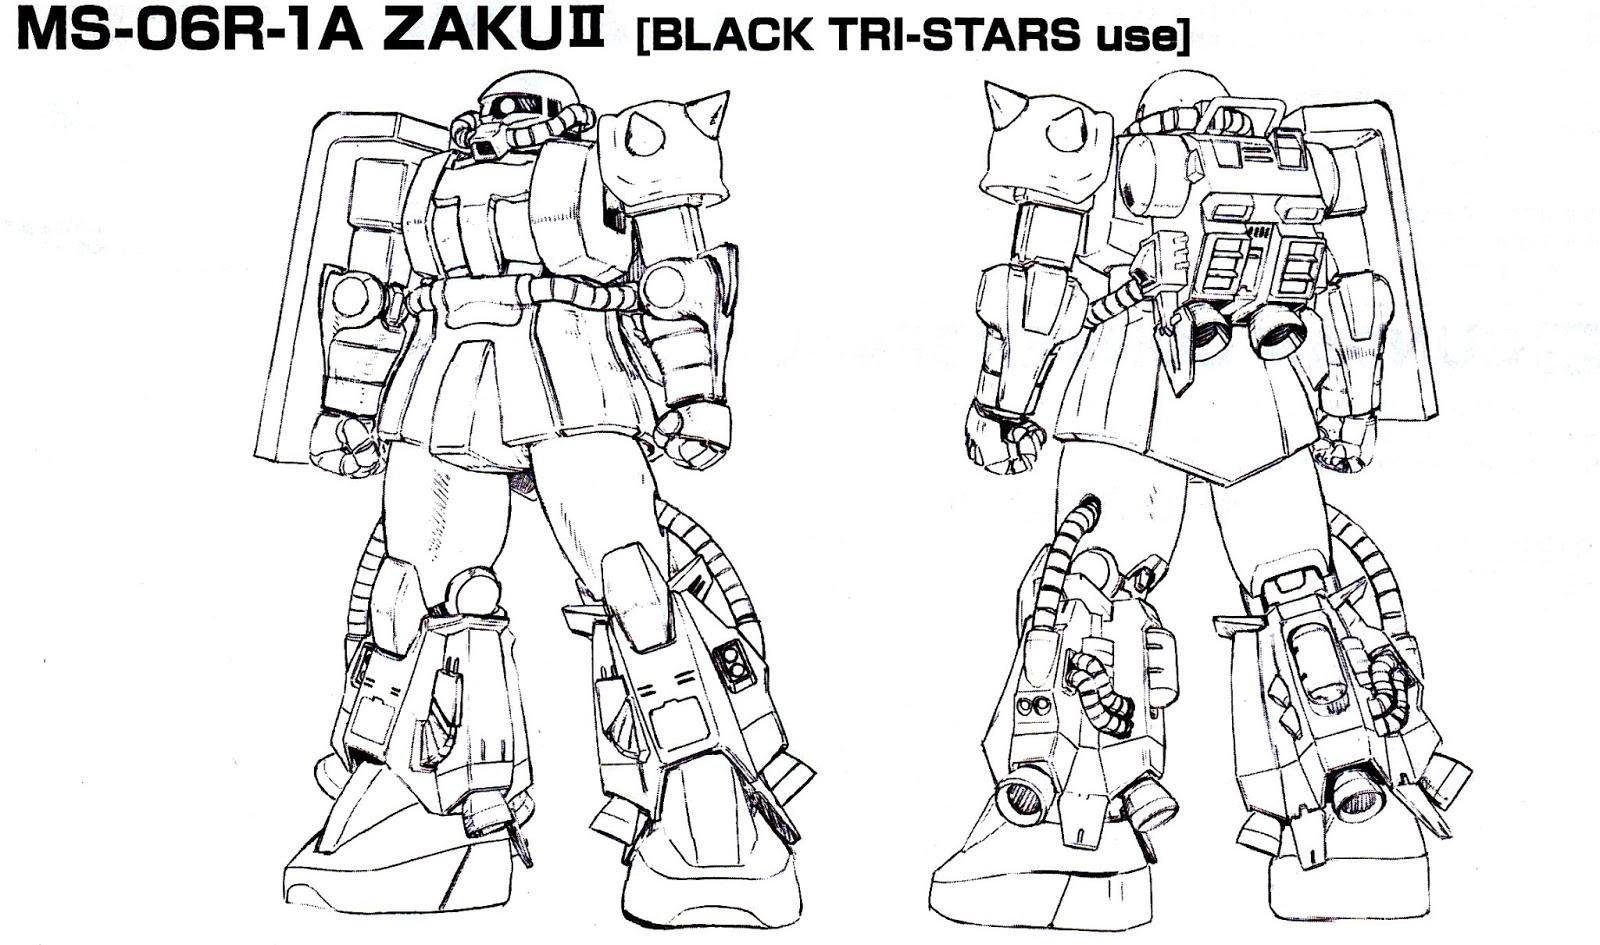 Zaku Lineart : Gundam guy hguc ms r zaku ii black tri star ver